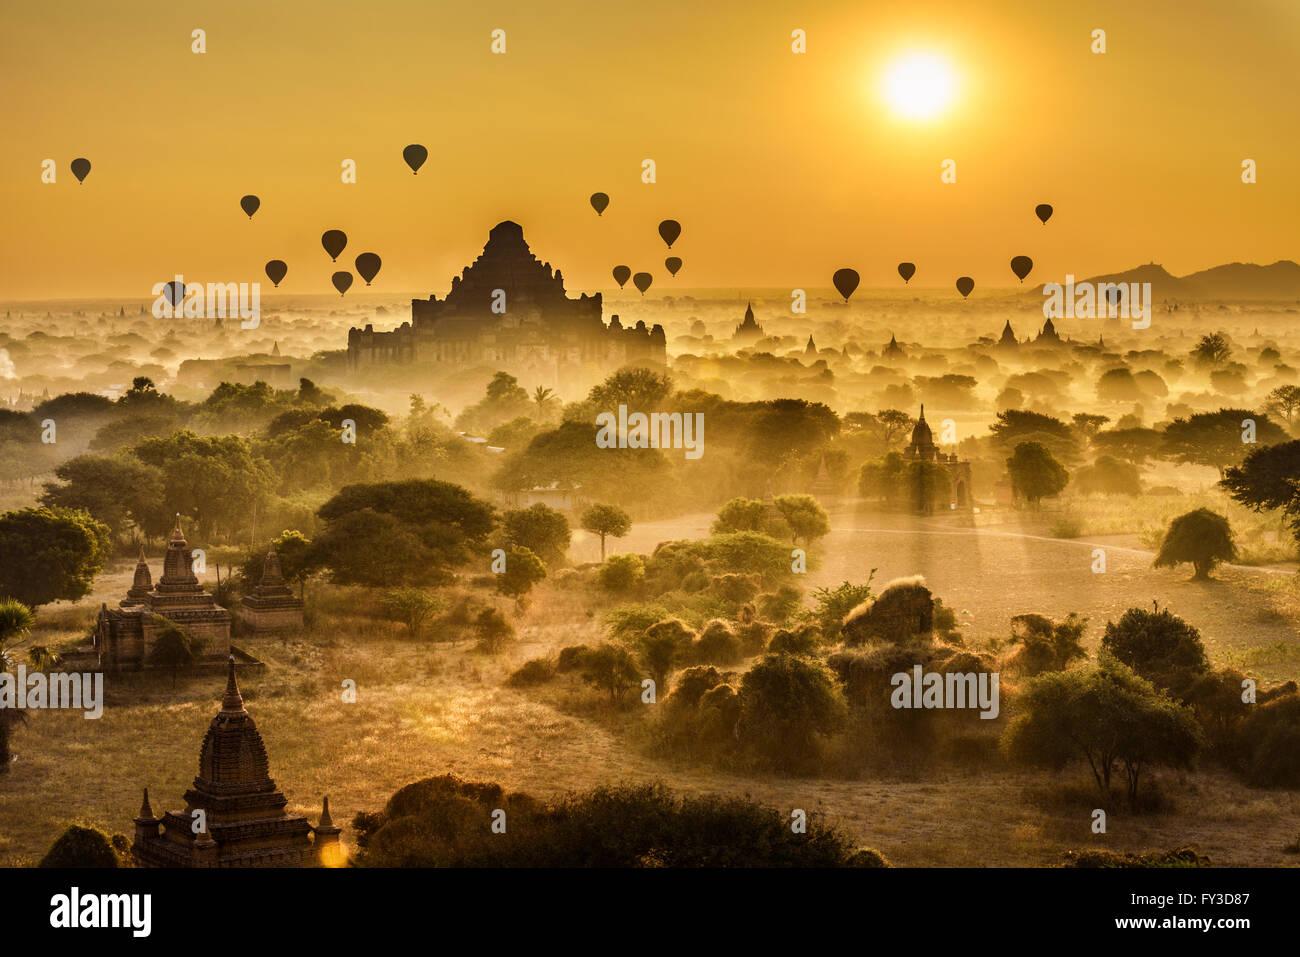 Sunrise pittoresque avec de nombreux ballons à air chaud au-dessus de Bagan au Myanmar. Bagan est une ville Photo Stock